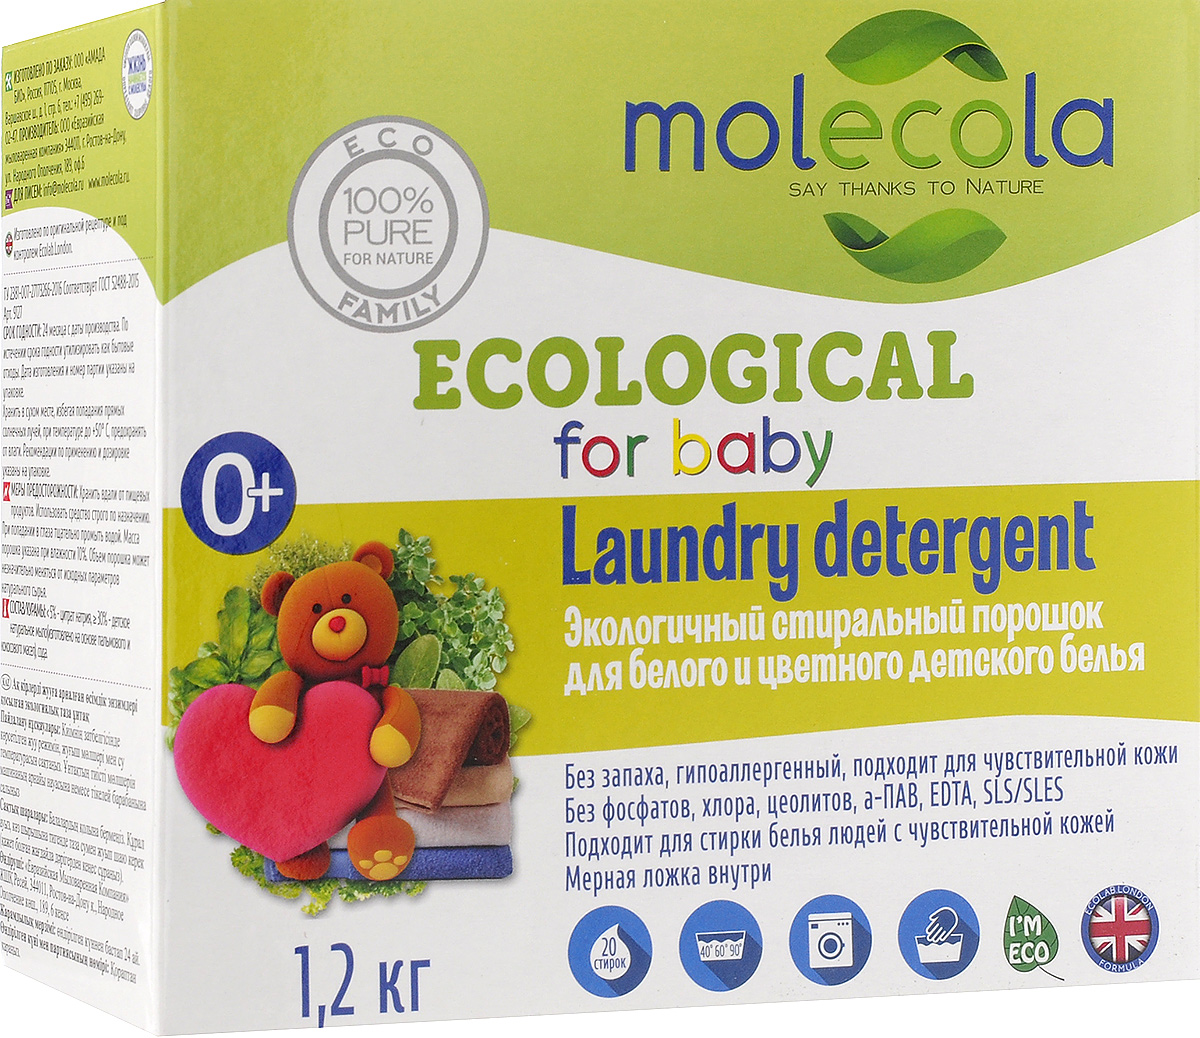 Стиральный порошок Molecola, для белого и цветного детского белья, 1,2 кг19201Порошок Molecola мягко отстирывает и освежает детское белье и одежду для всех видов тканей, благодаря входящим в состав компонентам на растительной основе. Натуральное мыло эффективно устраняет свежие и стойкие загрязнения, способствует естественному отбеливанию. Сода активирует и усиливает моющую способность компонентов, поэтому для достижения желаемого результата при стирке требуется меньшее количество средства. Цитрат натрия смягчает воду и защищает стиральную машину машину от образования известкового налета. При соблюдении режима дозировки стиральный порошок быстро растворяется, легко и без остатка вымывается из ткани при полоскании. Благодаря деликатной формуле порошок помогает сохранить первоначальный вид детской одежды после многократных стирок. Экологичный стиральный порошок для детского белья Molecola является безопасный, как для детей с первых дней жизни, так и для окружающей среды:- порошок состоит из 100% натуральных компонентов,- средство не содержит фосфатов, оптических отбеливателей, агрессивных ПАВ, цеолитов, хлора, силикатов, красителей, нефтепродуктов, других токсичных веществ и безопасно в ручном способе стирки,- порошок идеально подходит для стирки детской одежды с первых дней жизни ребенка, а также для ухода за одеждой людей с чувствительной кожей,- порошок полностью биоразлагаем, не наносит ущерба природным источникам воды.Товар сертифицирован.